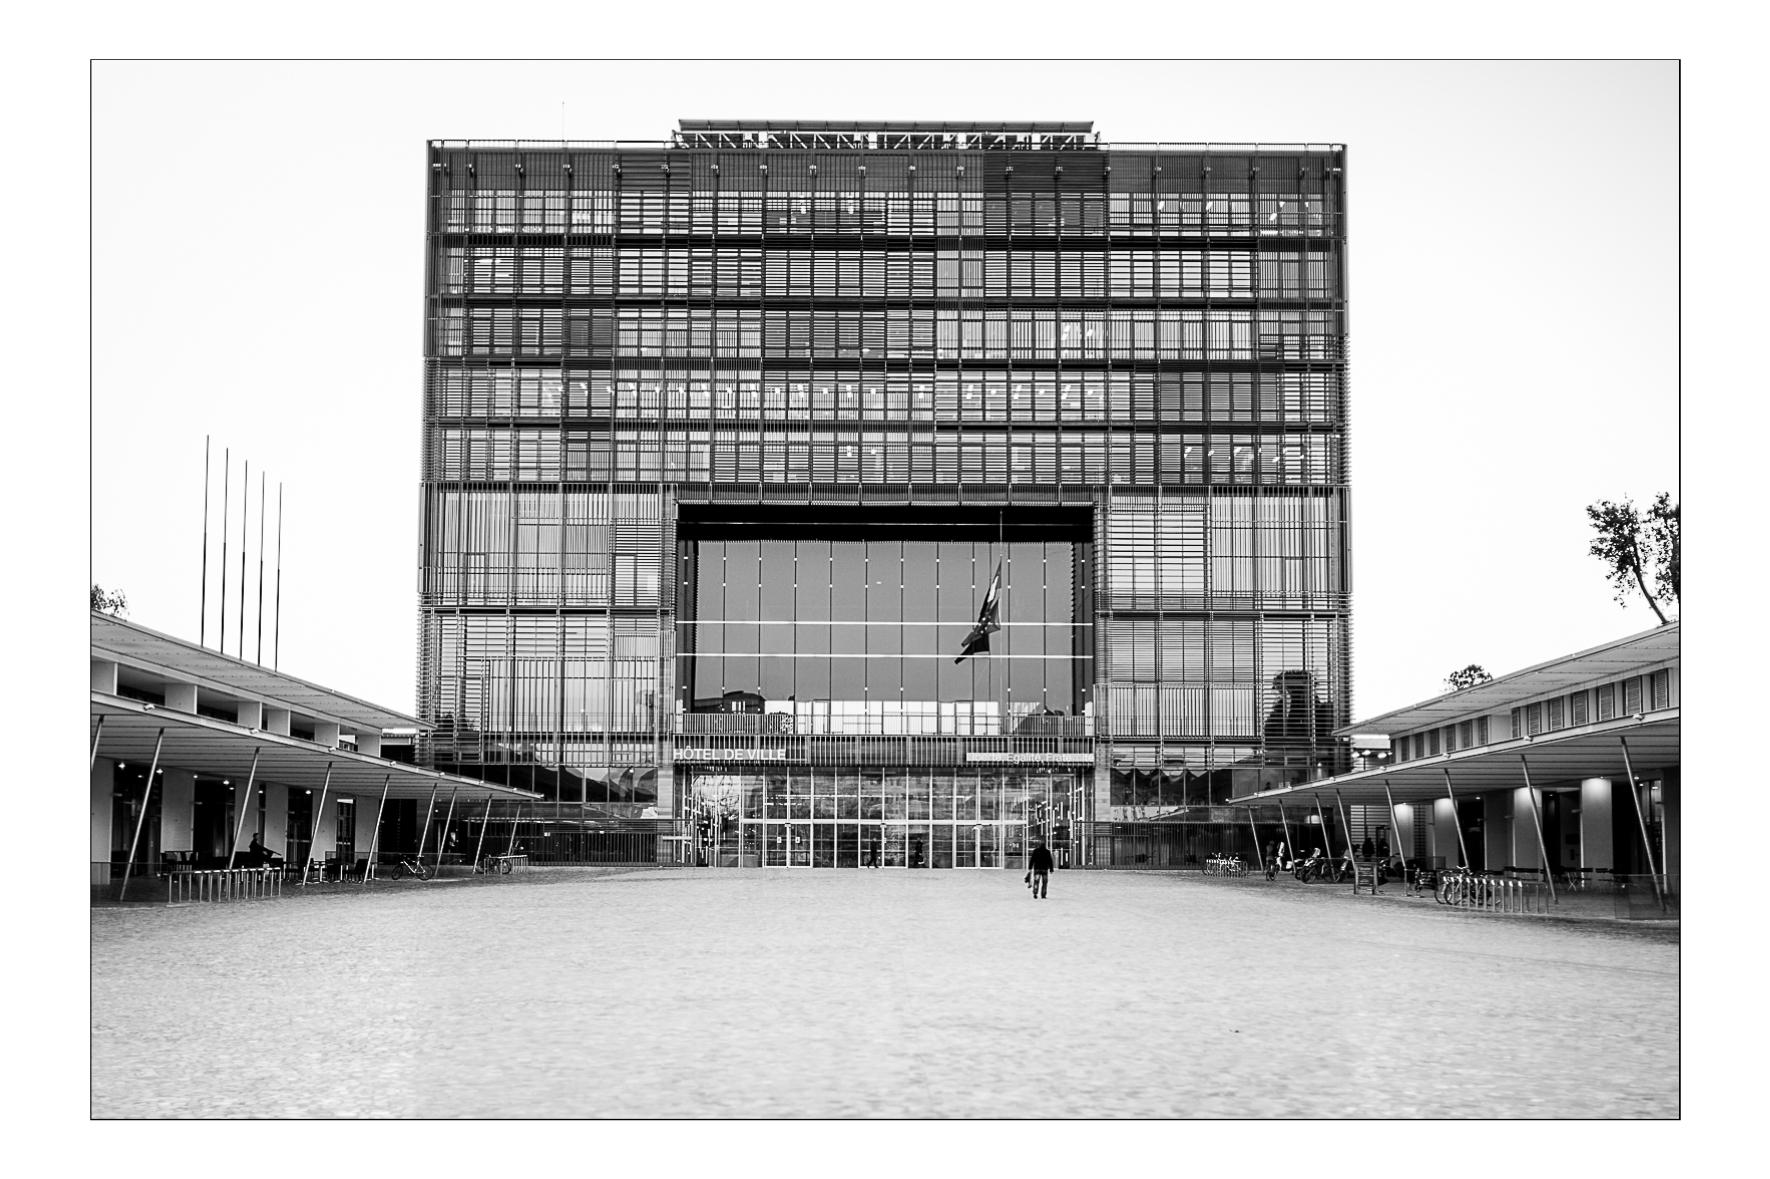 Hotel de Ville de Montpellier, 2013.  Jean Nouvel architecte.